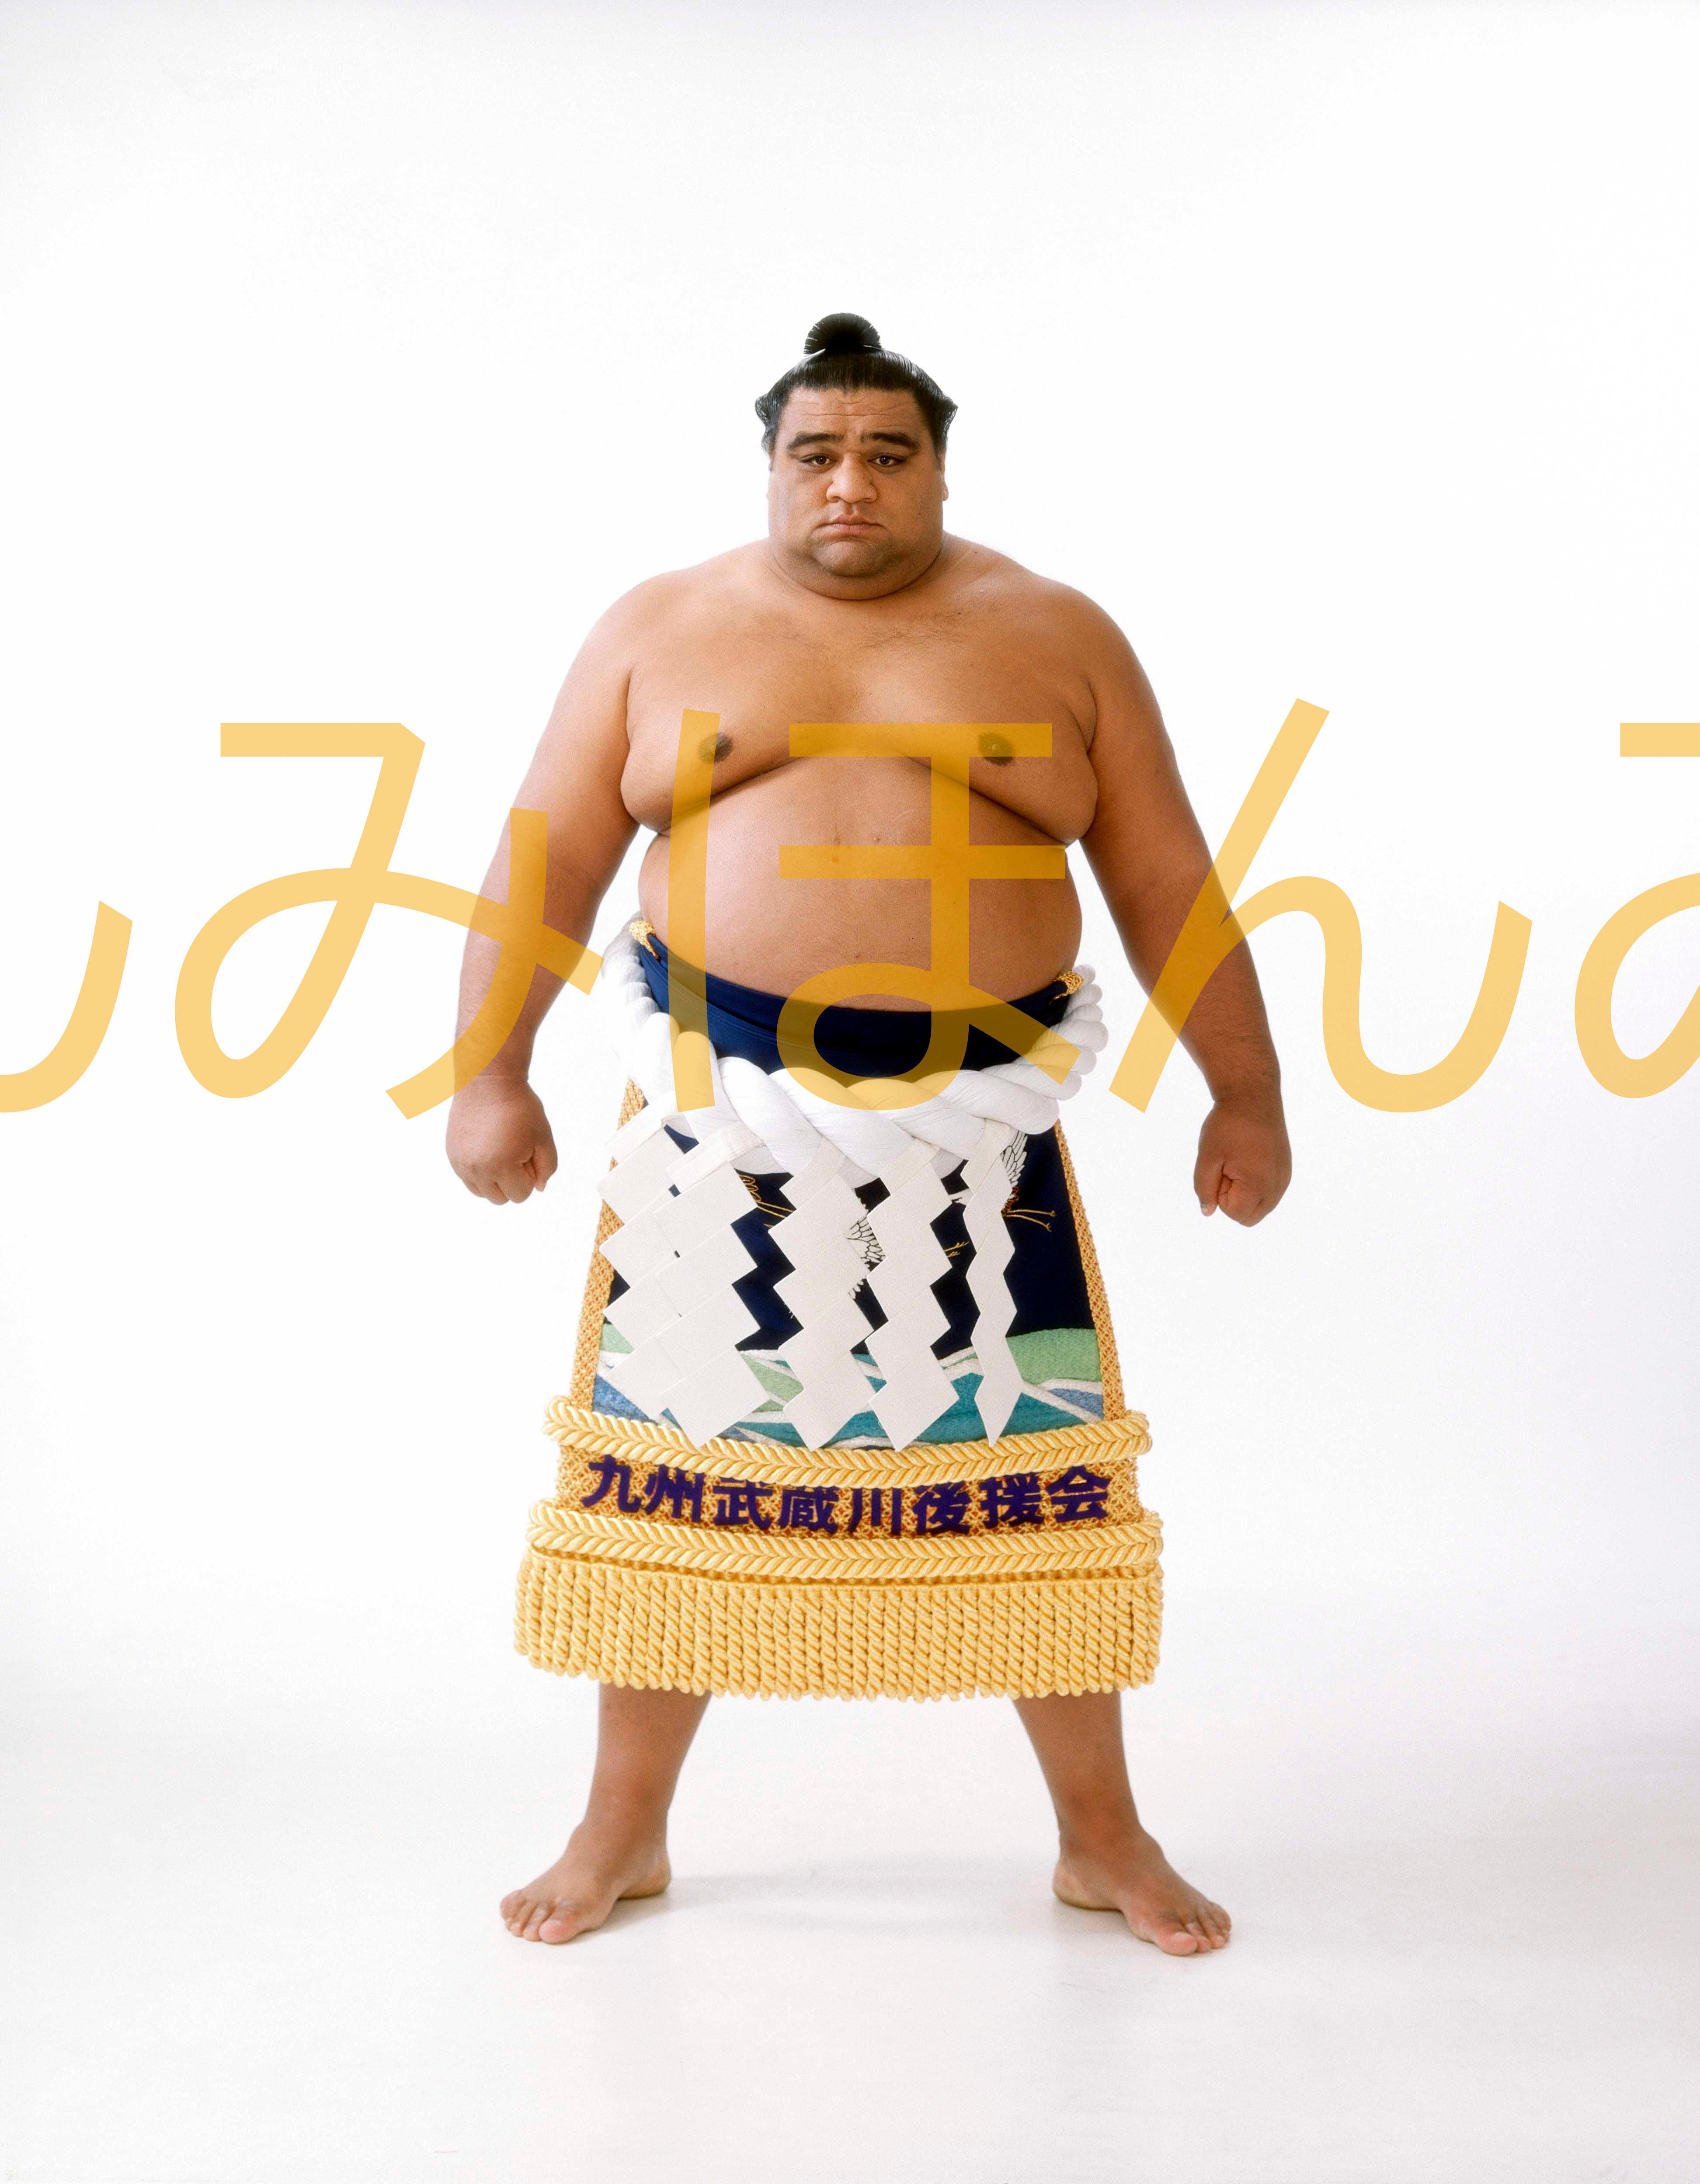 平成11年11月場所優勝 横綱 武蔵丸光洋関(7回目の優勝)